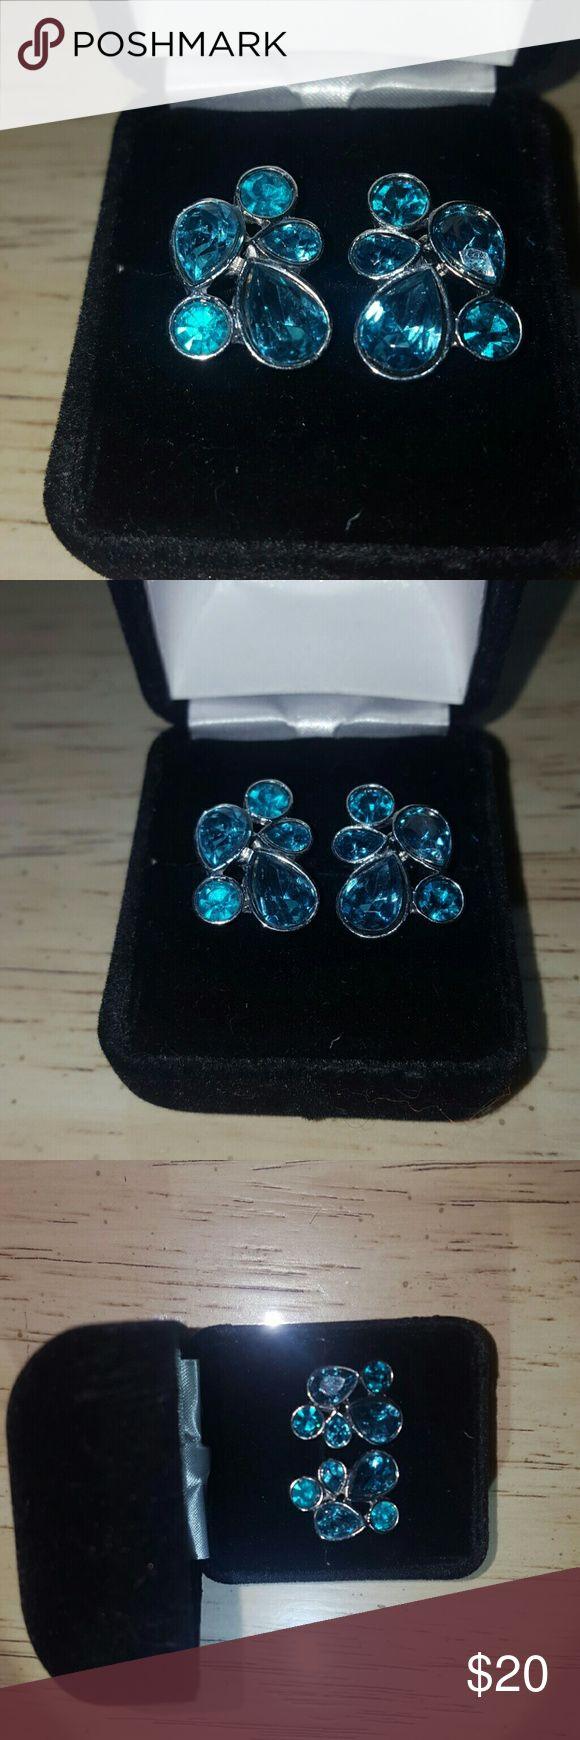 Vintage Earrings Stunning Blue Topaz set in Silver Vintage cluster earrings by Napier Napier Jewelry Earrings